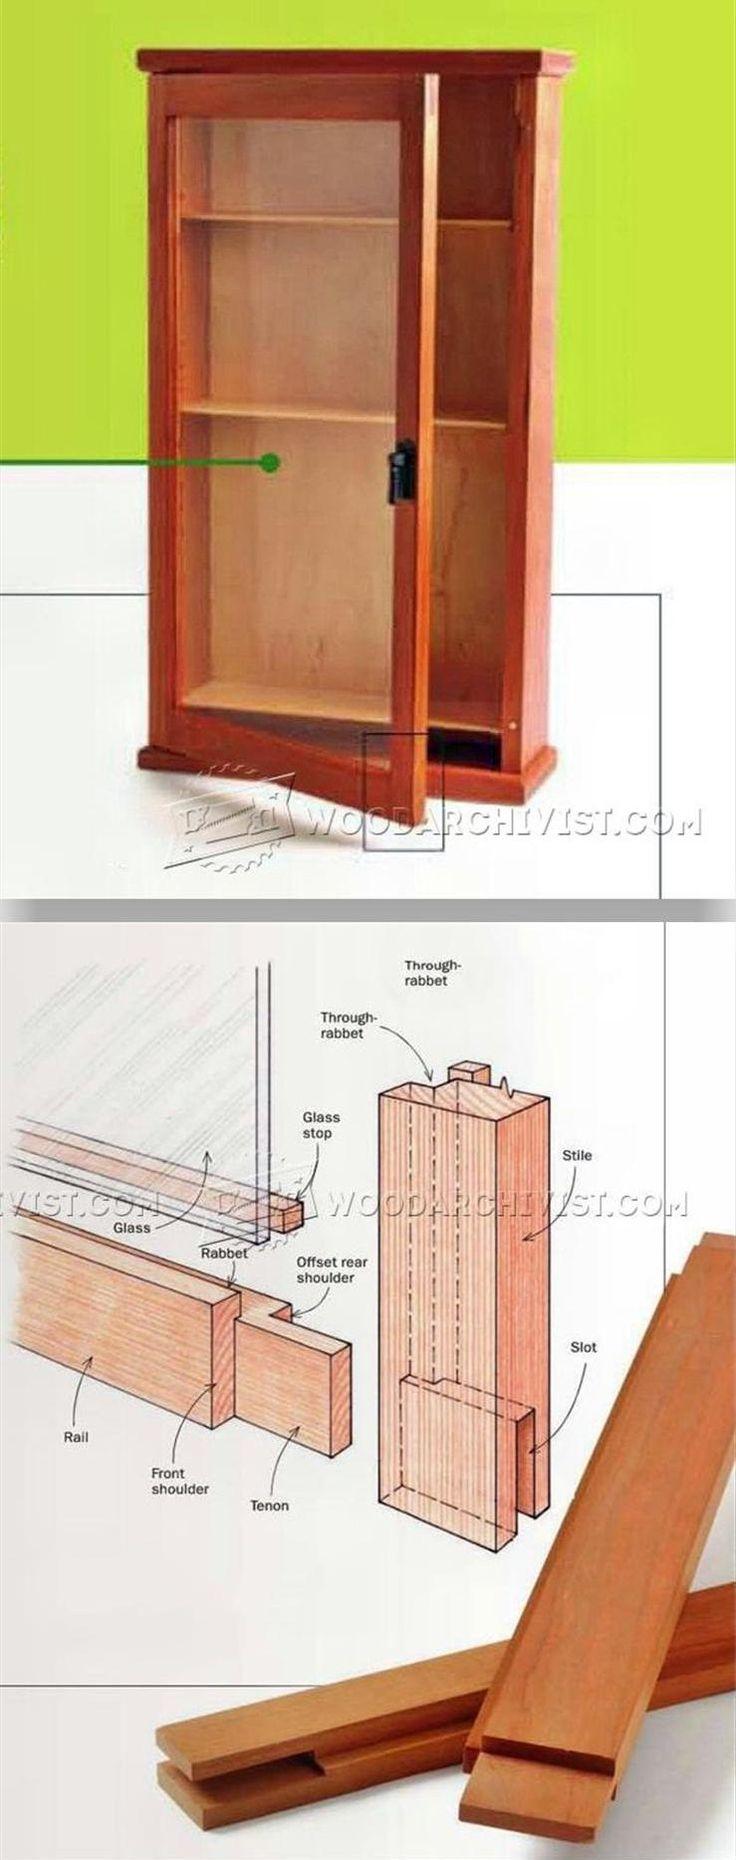 Making Glass Doors - Cabinet Door Construction Techniques | WoodArchivist.com